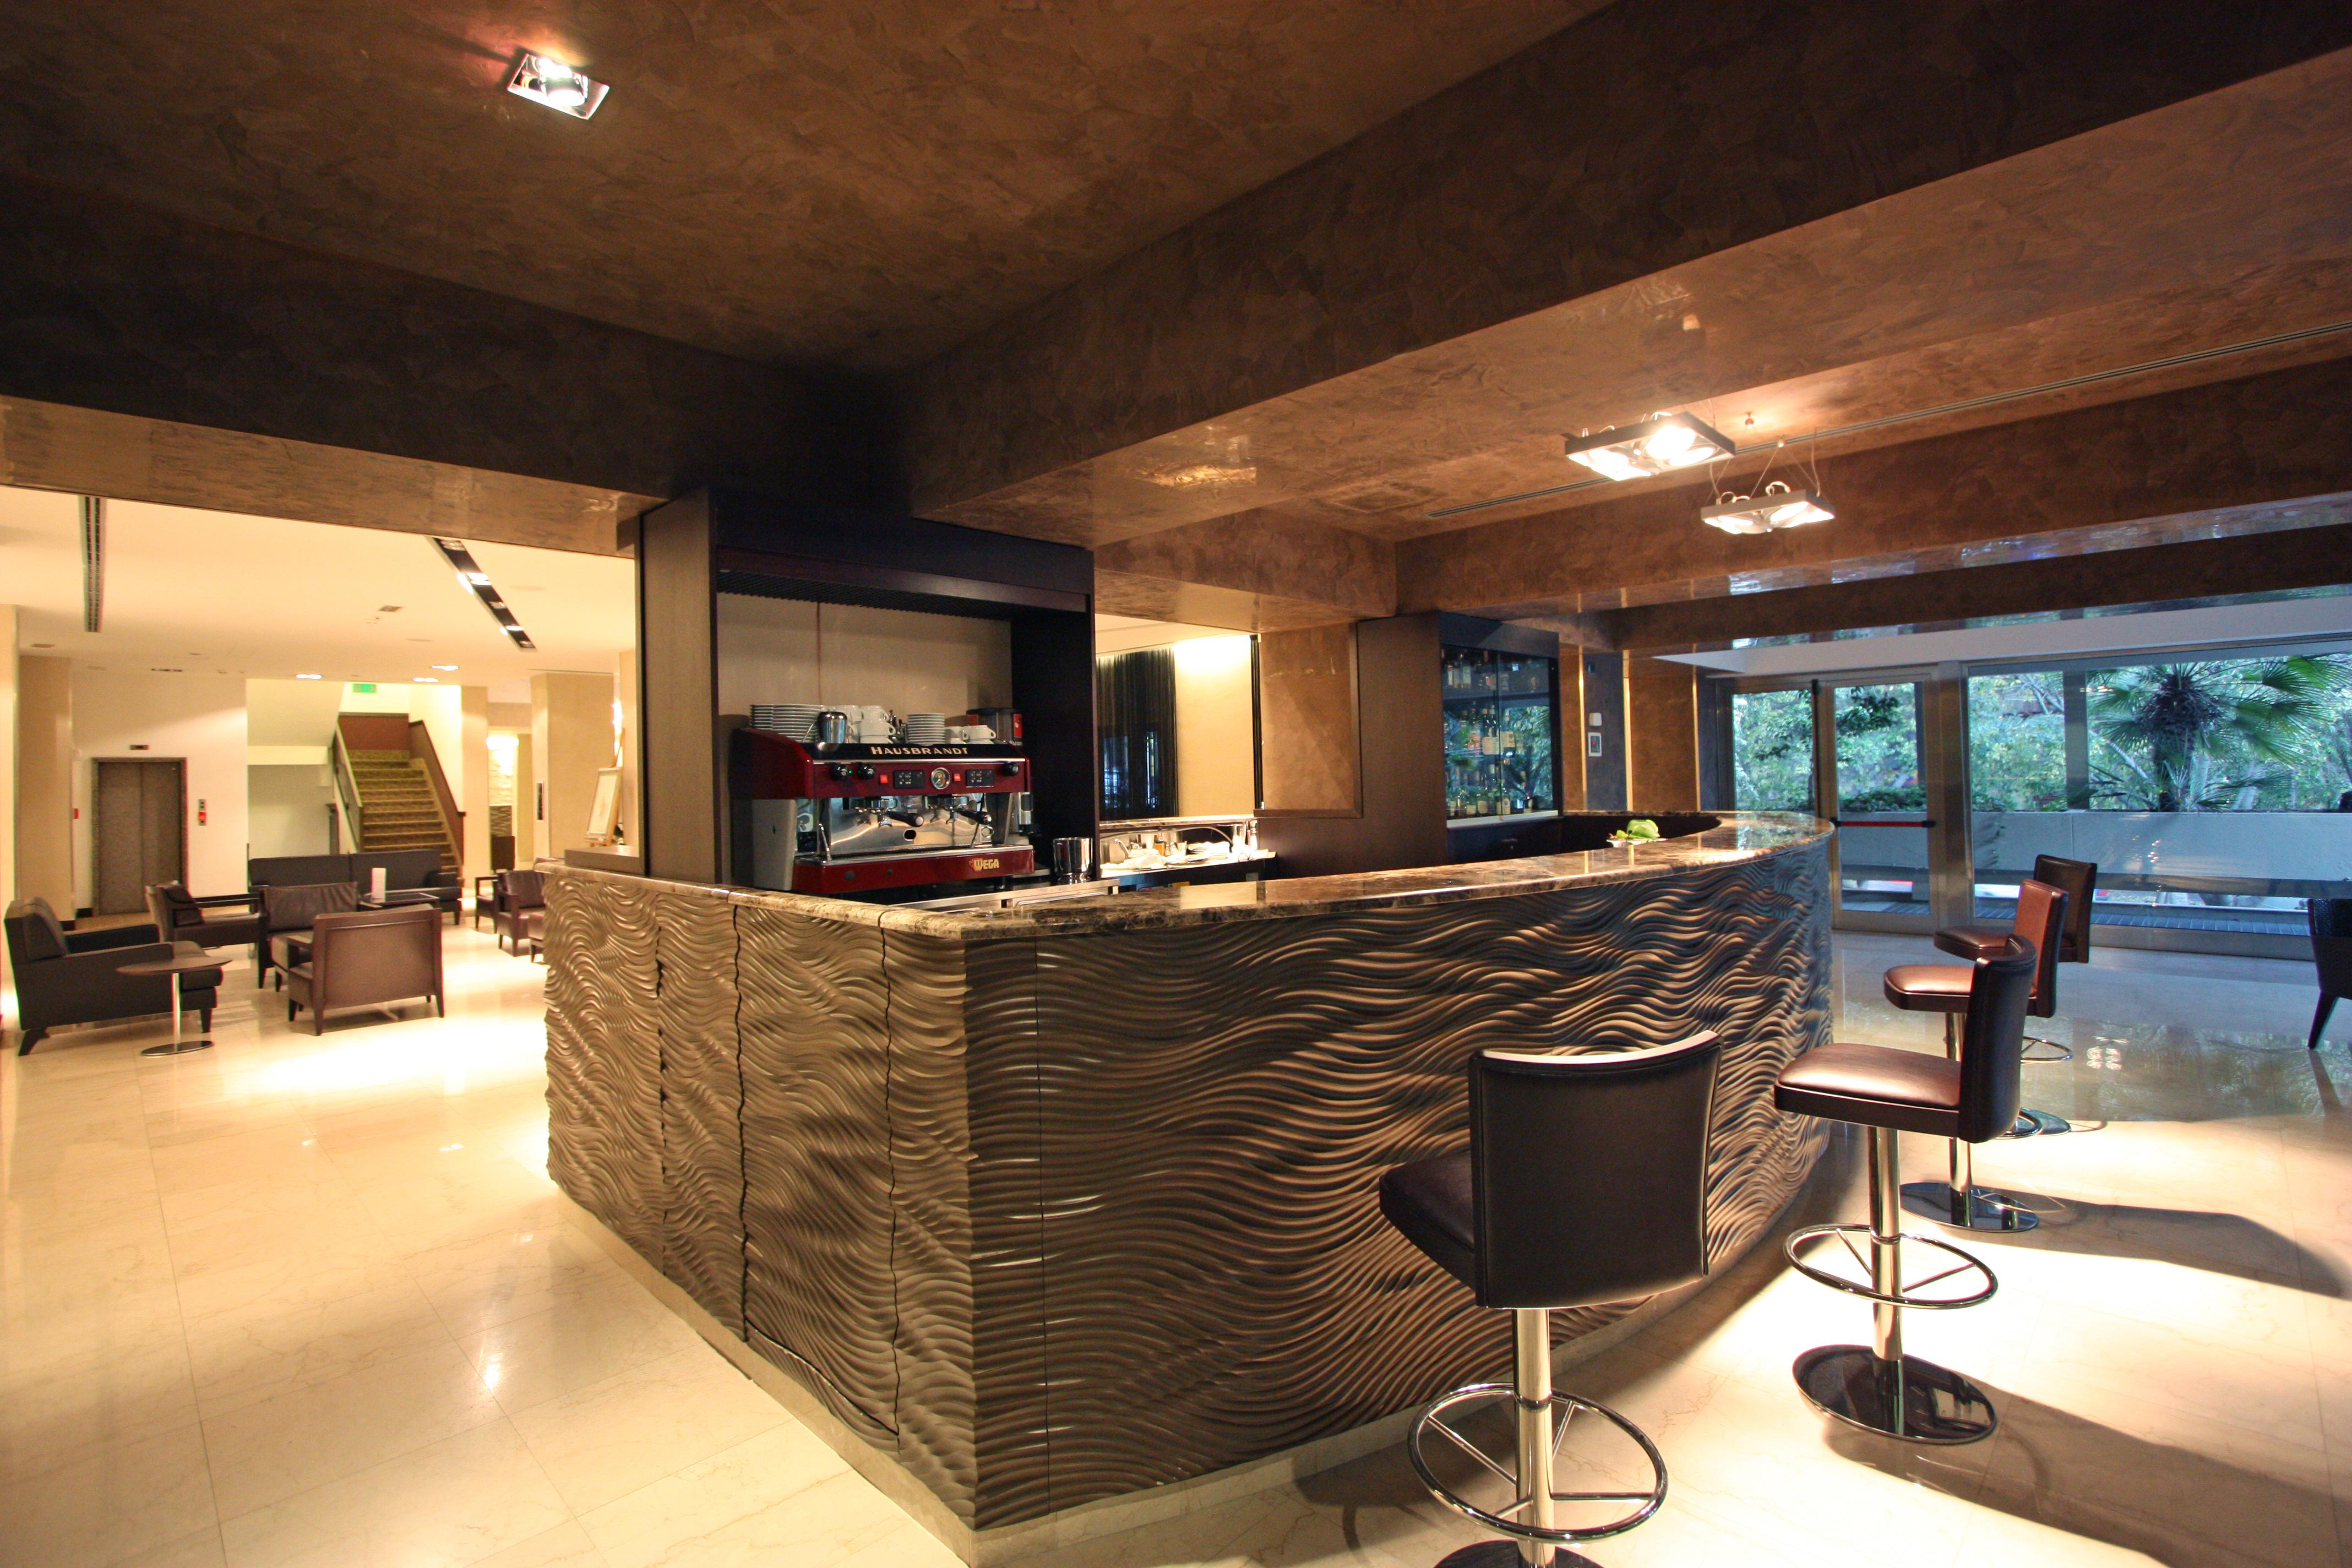 degli interni e arredamento dell'Hotel Regina Margherita di ...